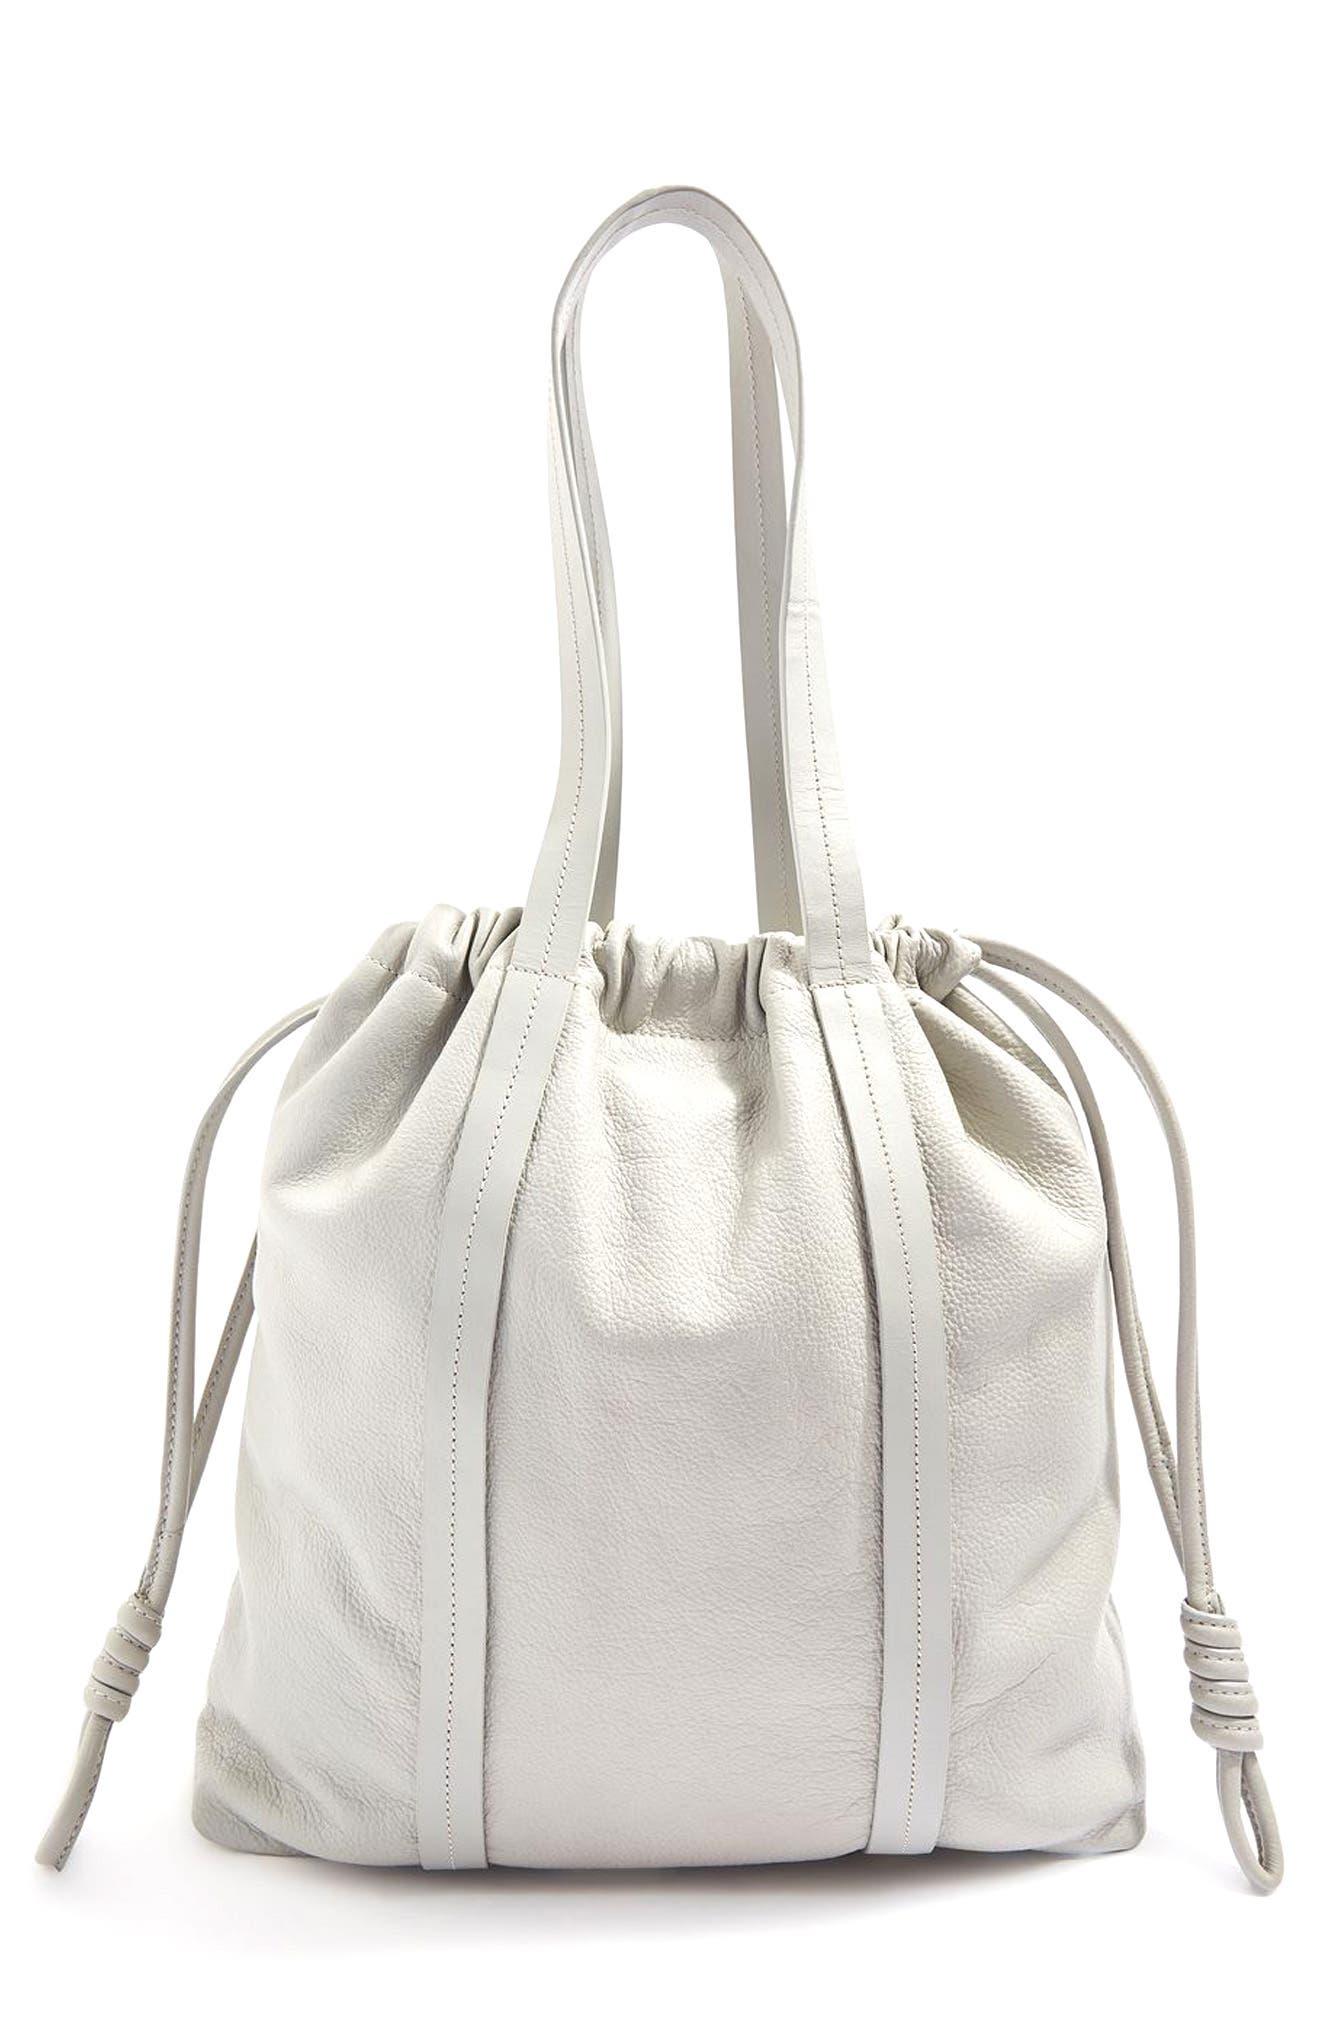 Topshop Premium Leather Drawstring Shoulder Bag